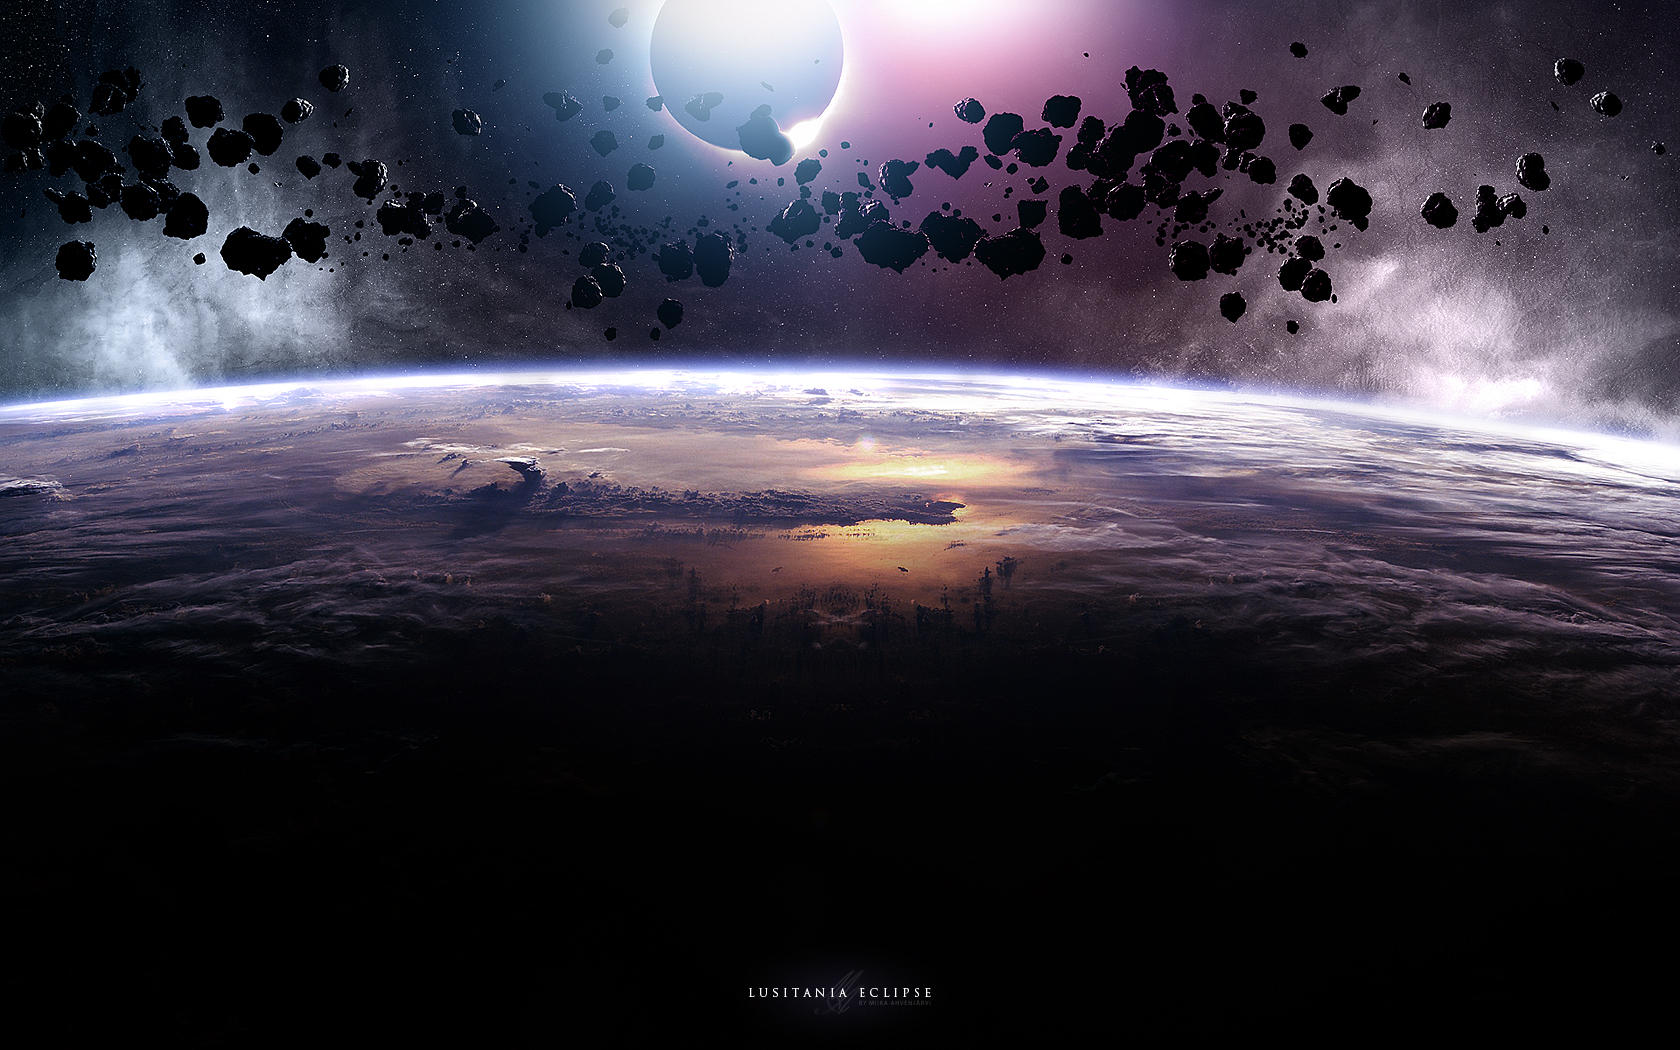 Lusitania Eclipse by Uribaani